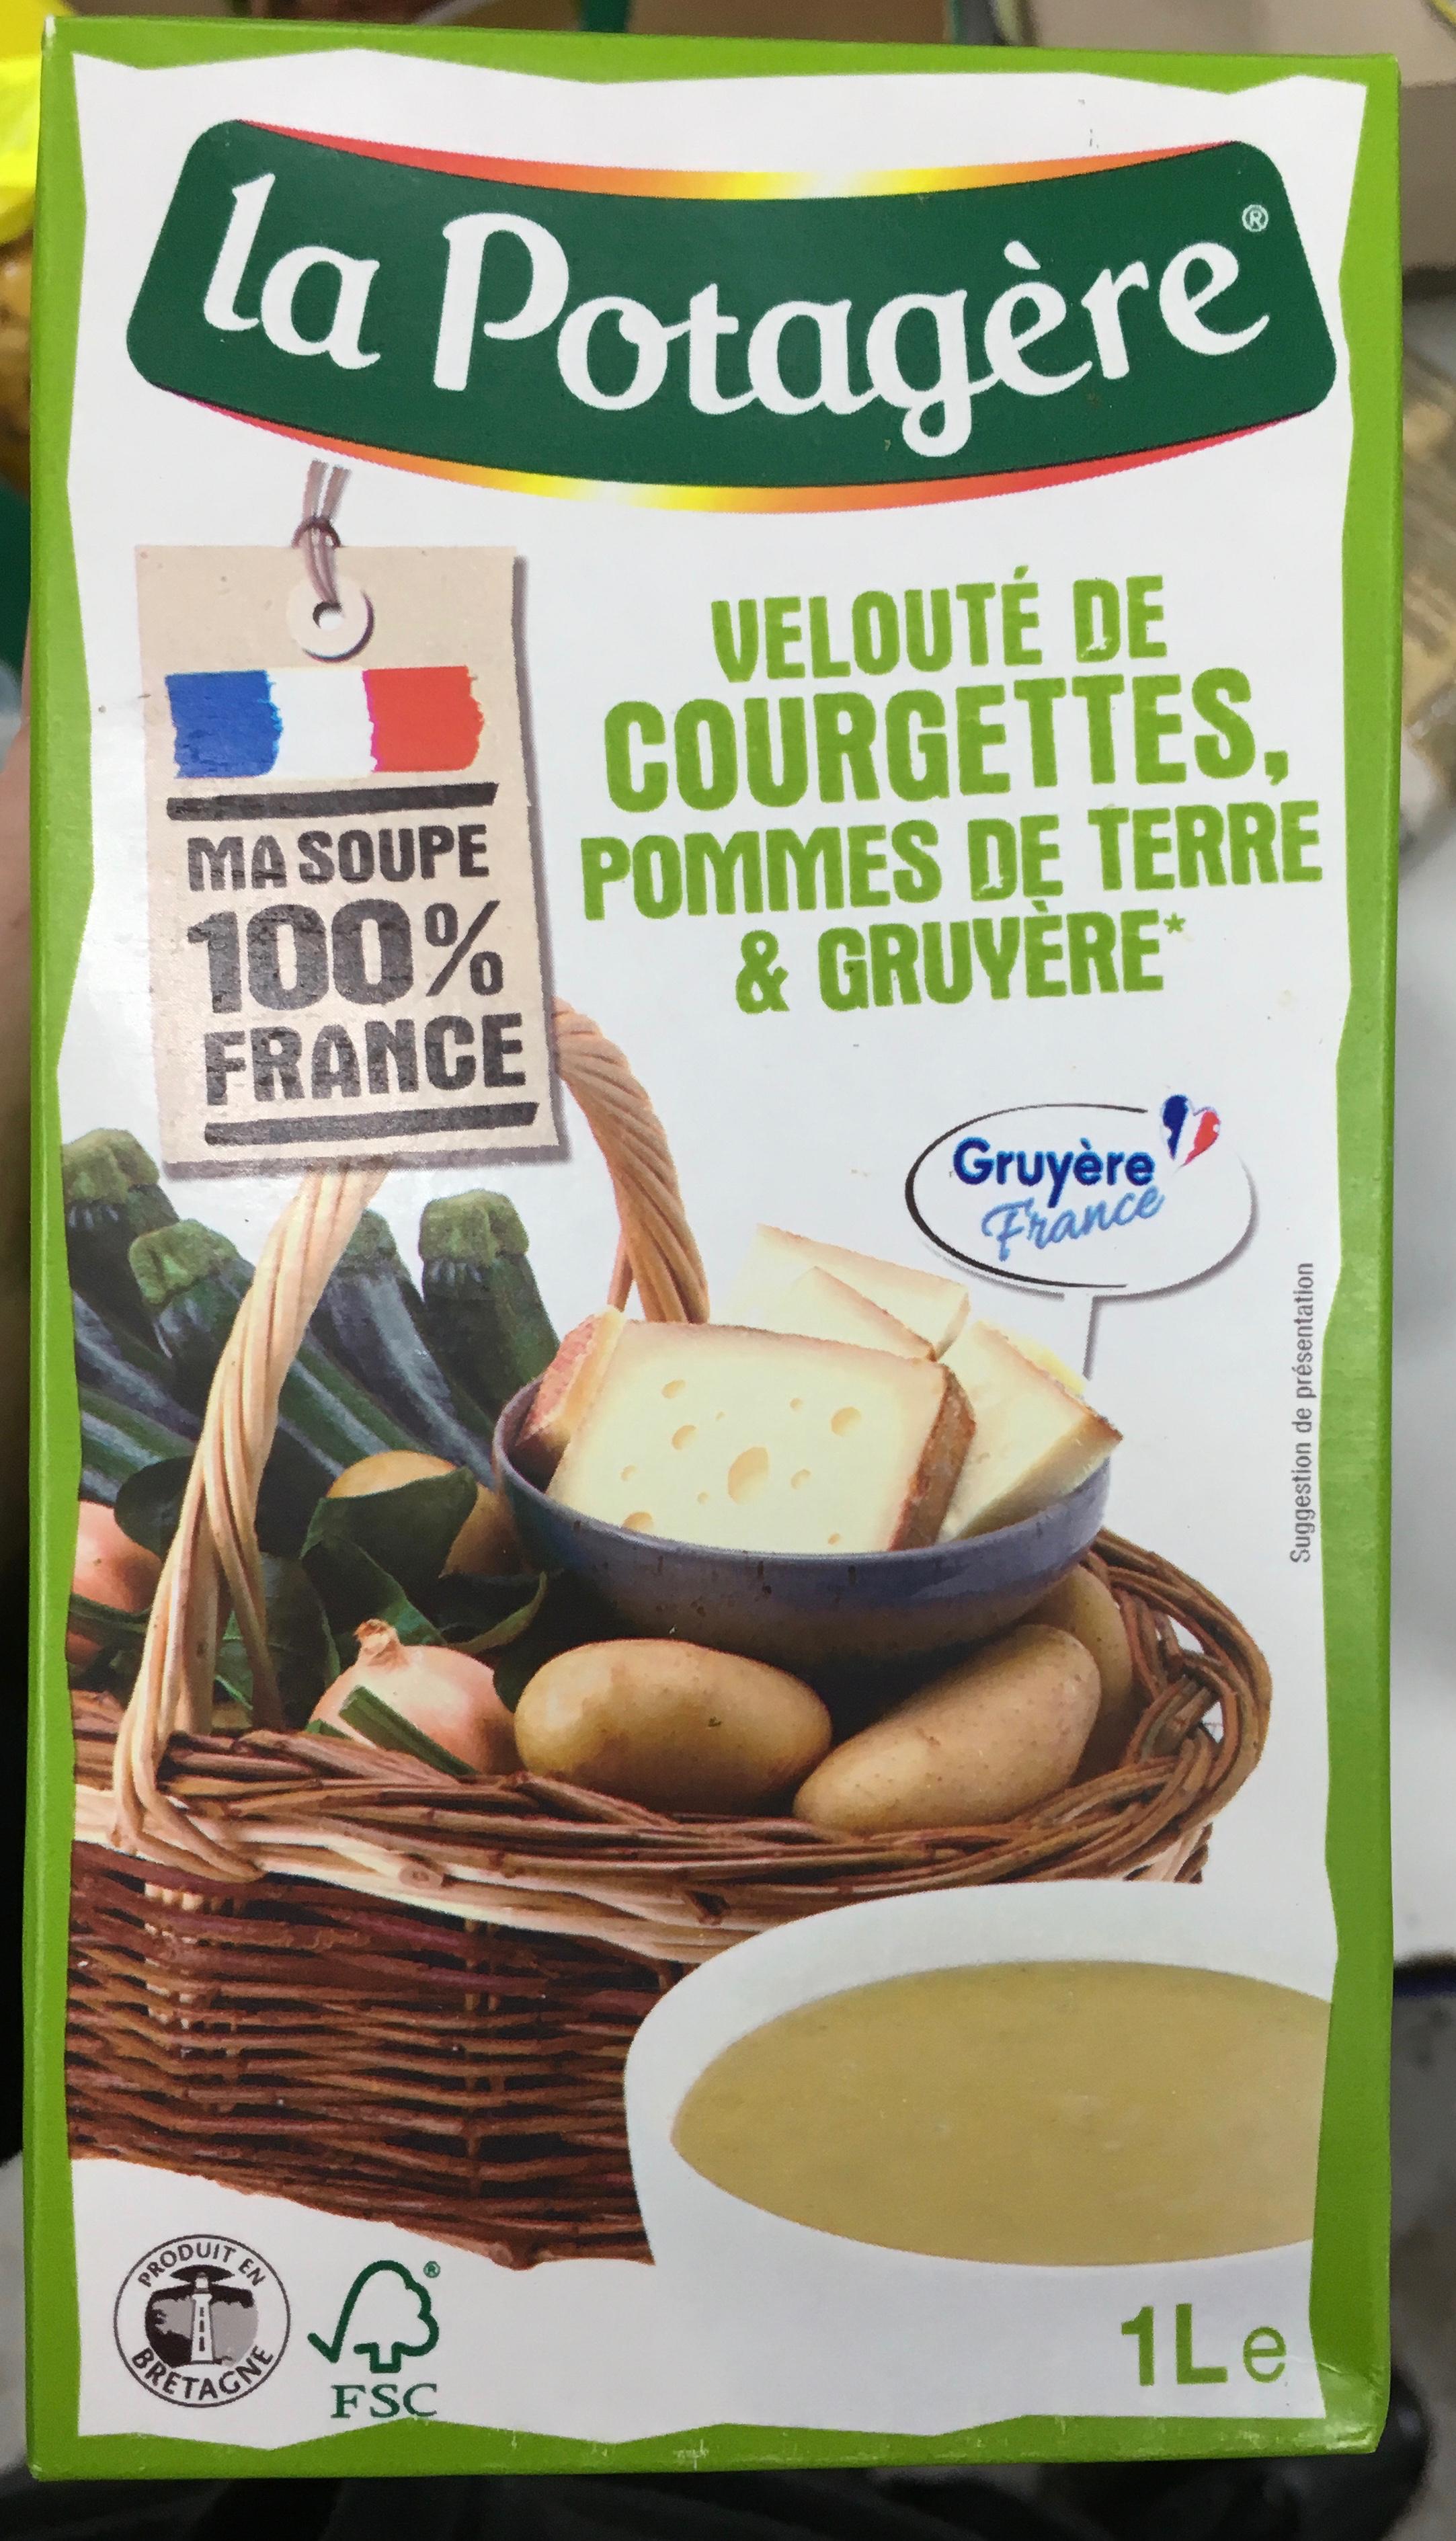 Velouté de courgettes, pommes de terre & gruyère - Product - fr